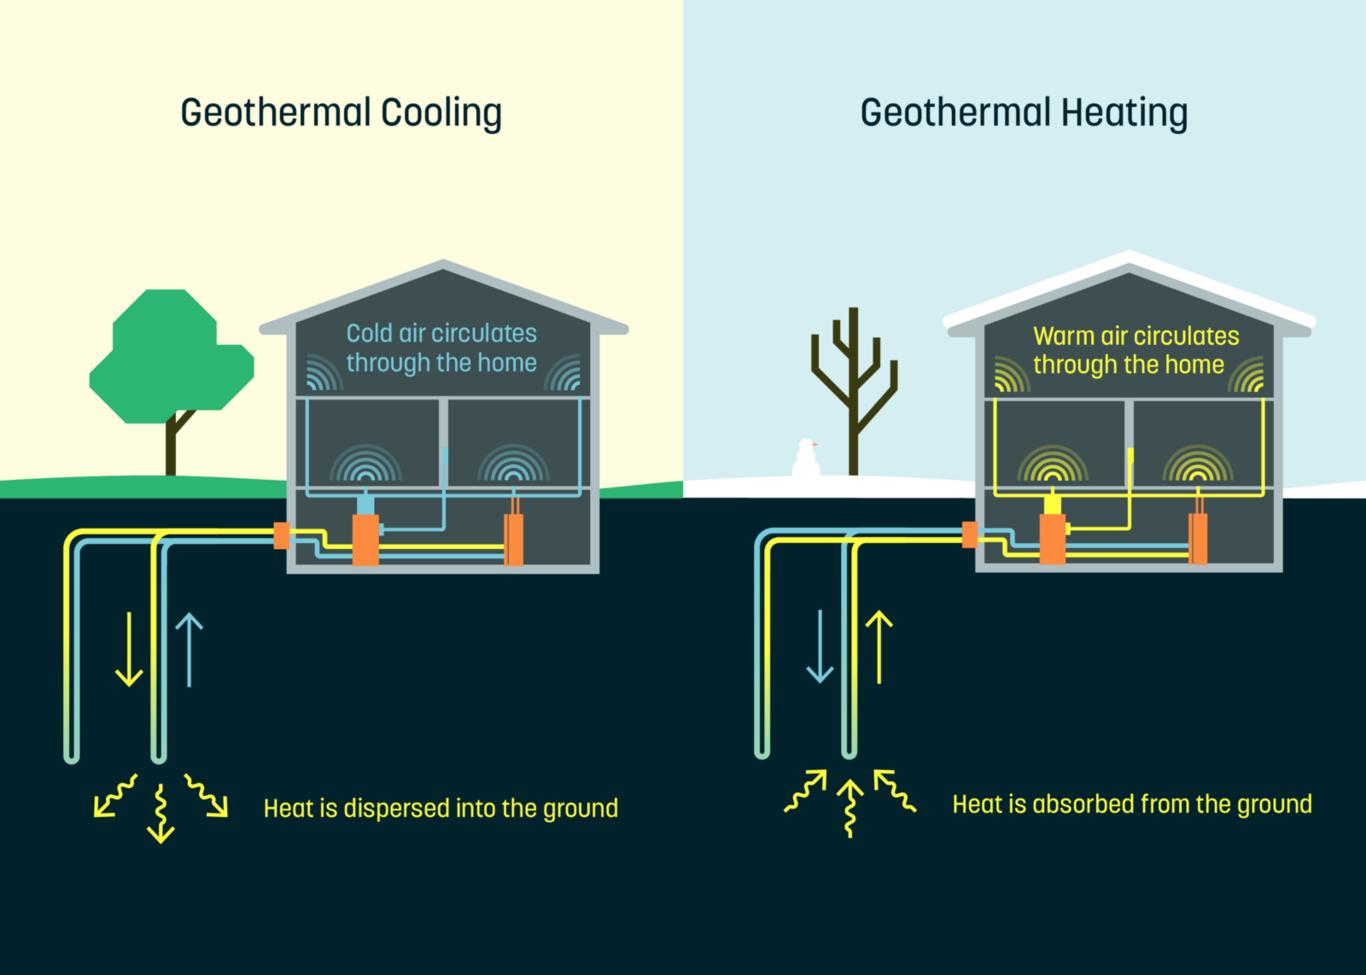 Dandelion la empresa salida de google que quiere abaratar el coste de la energ a geot rmica - En que consiste la energia geotermica ...